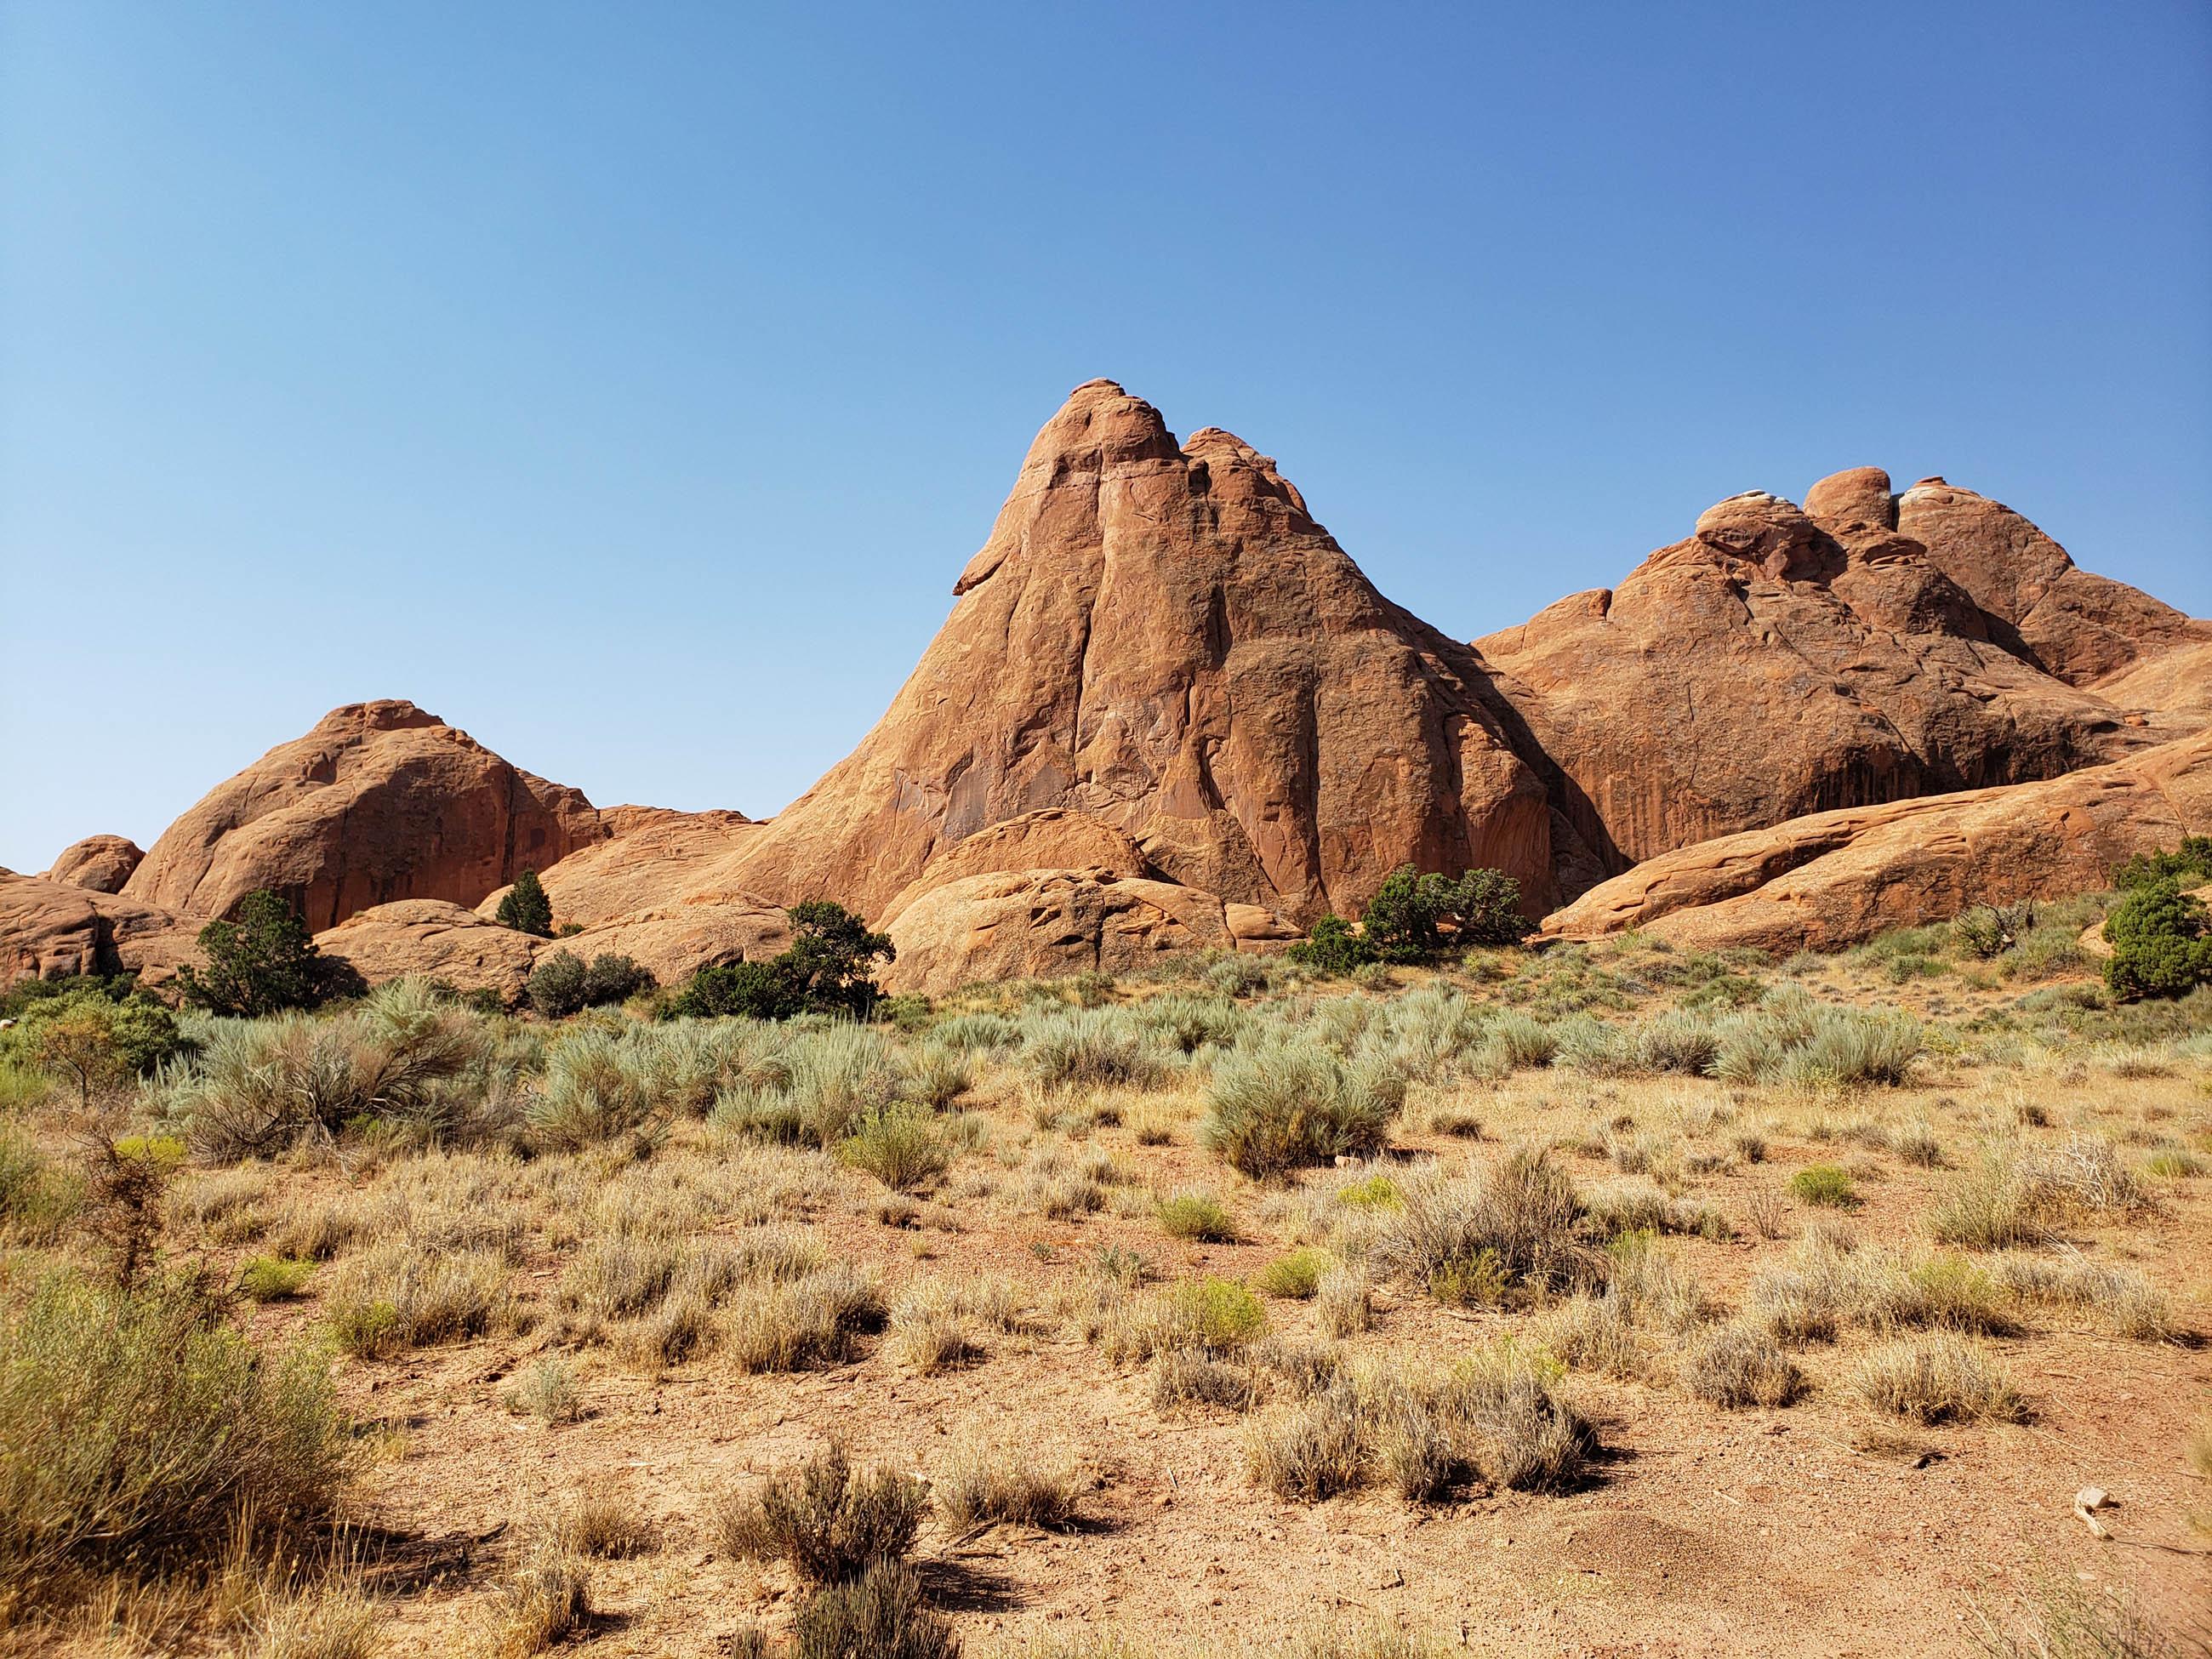 utah desert scene in summer